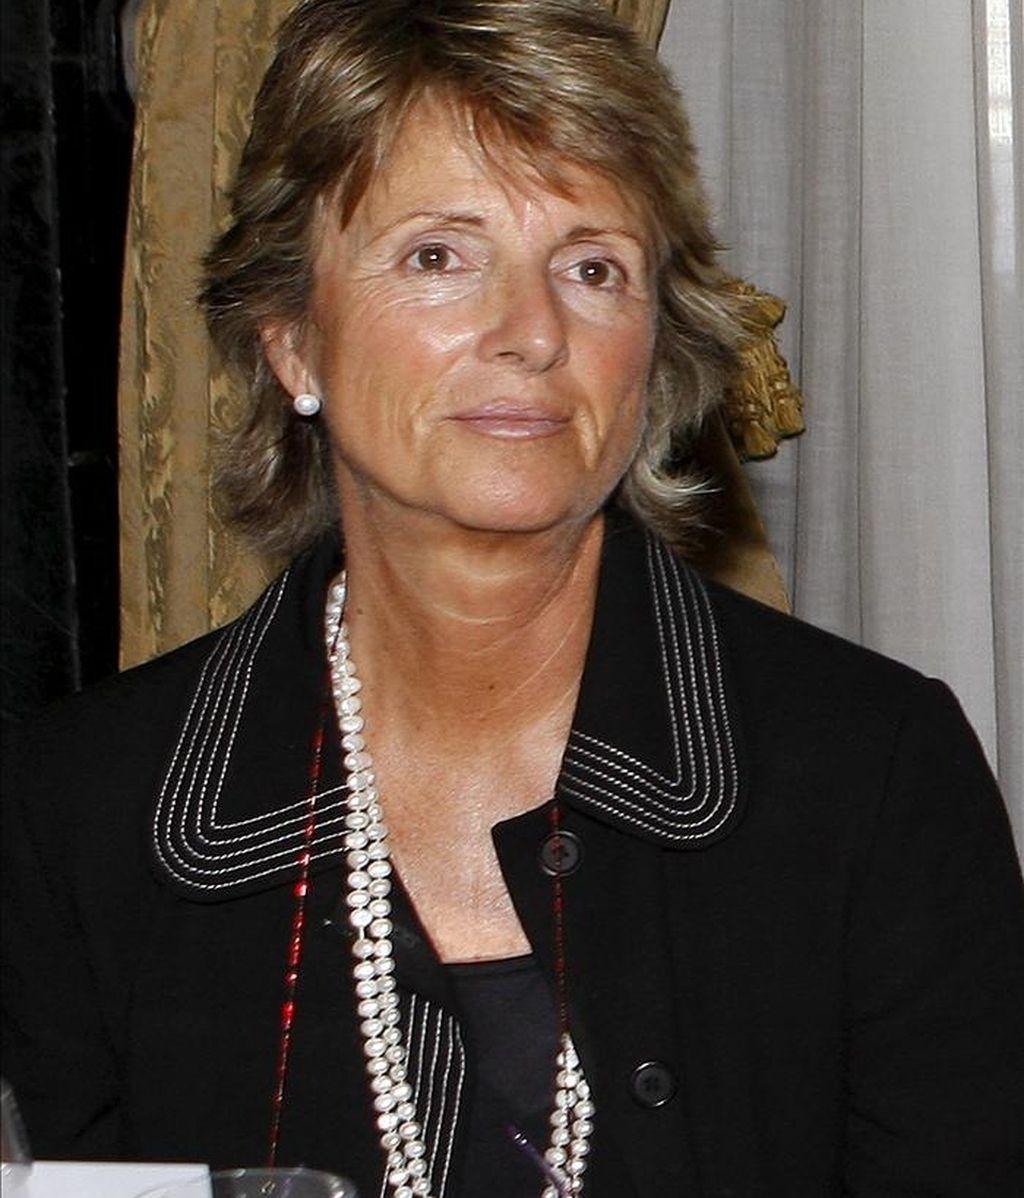 Fotografía de archivo de María Jesús Figa, ex subsecretaria de Asuntos Exteriores. EFE